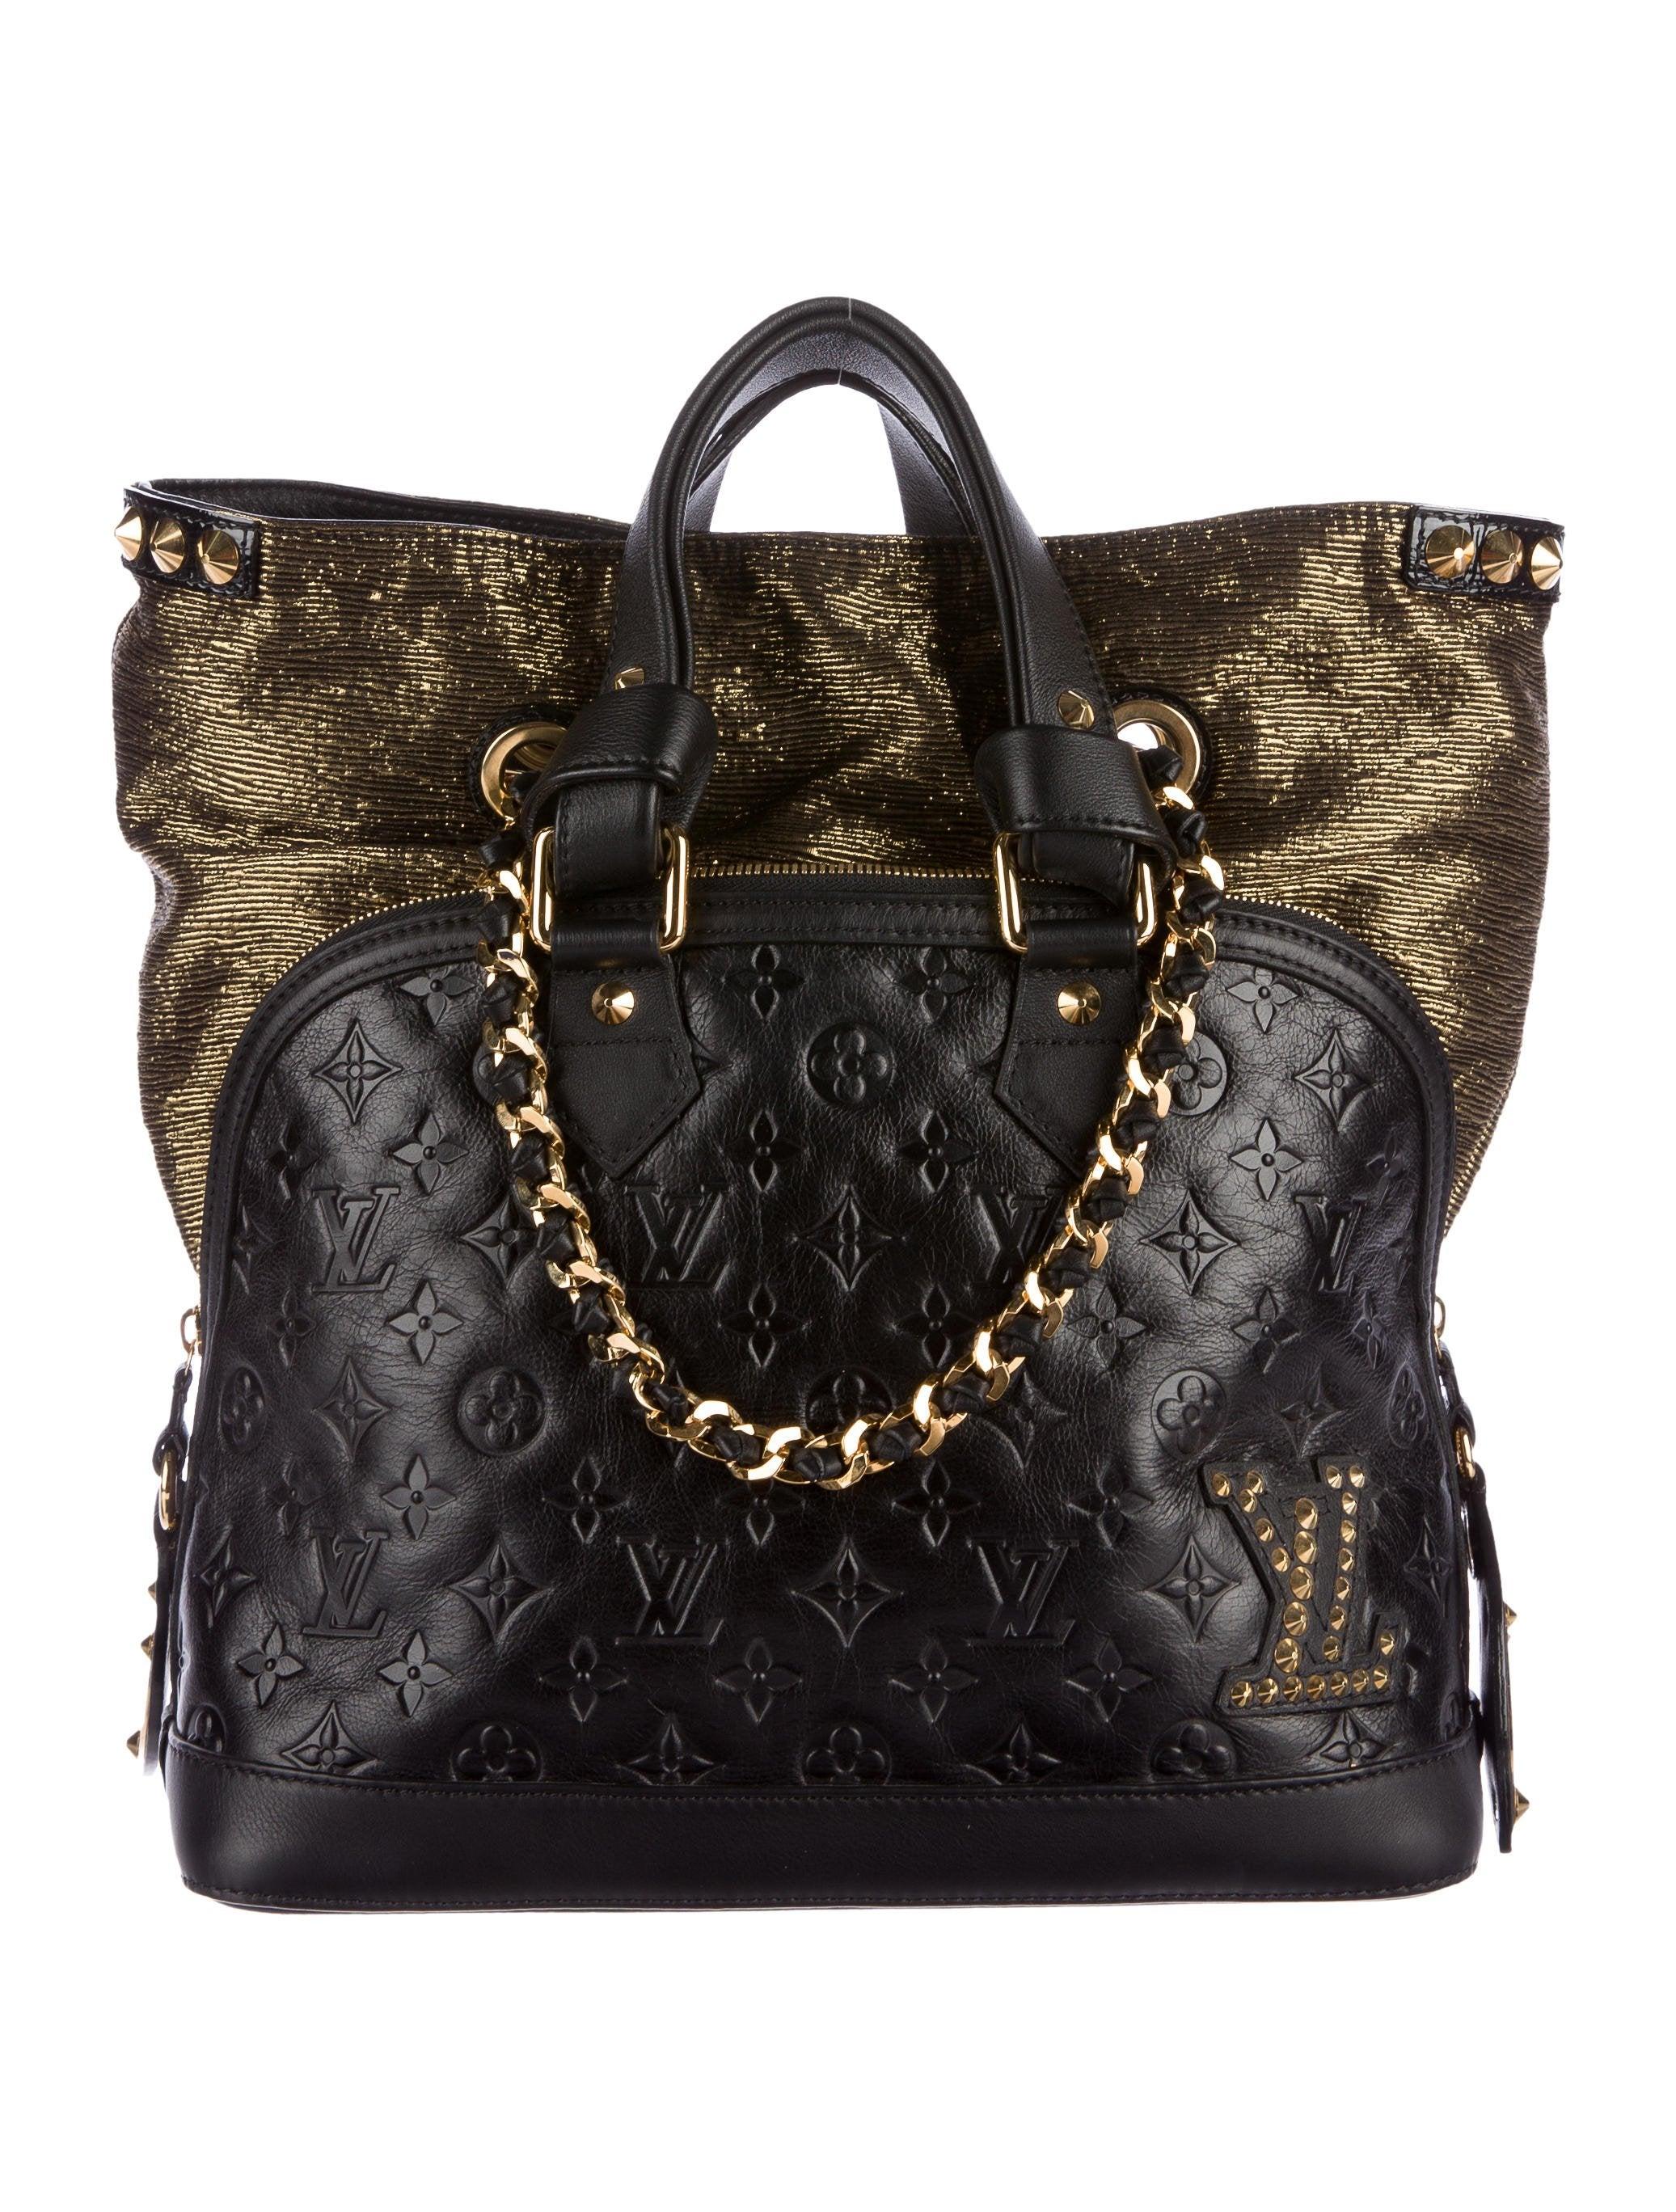 Louis vuitton double jeu neo alma bag handbags for Louis vuitton miroir alma bag price